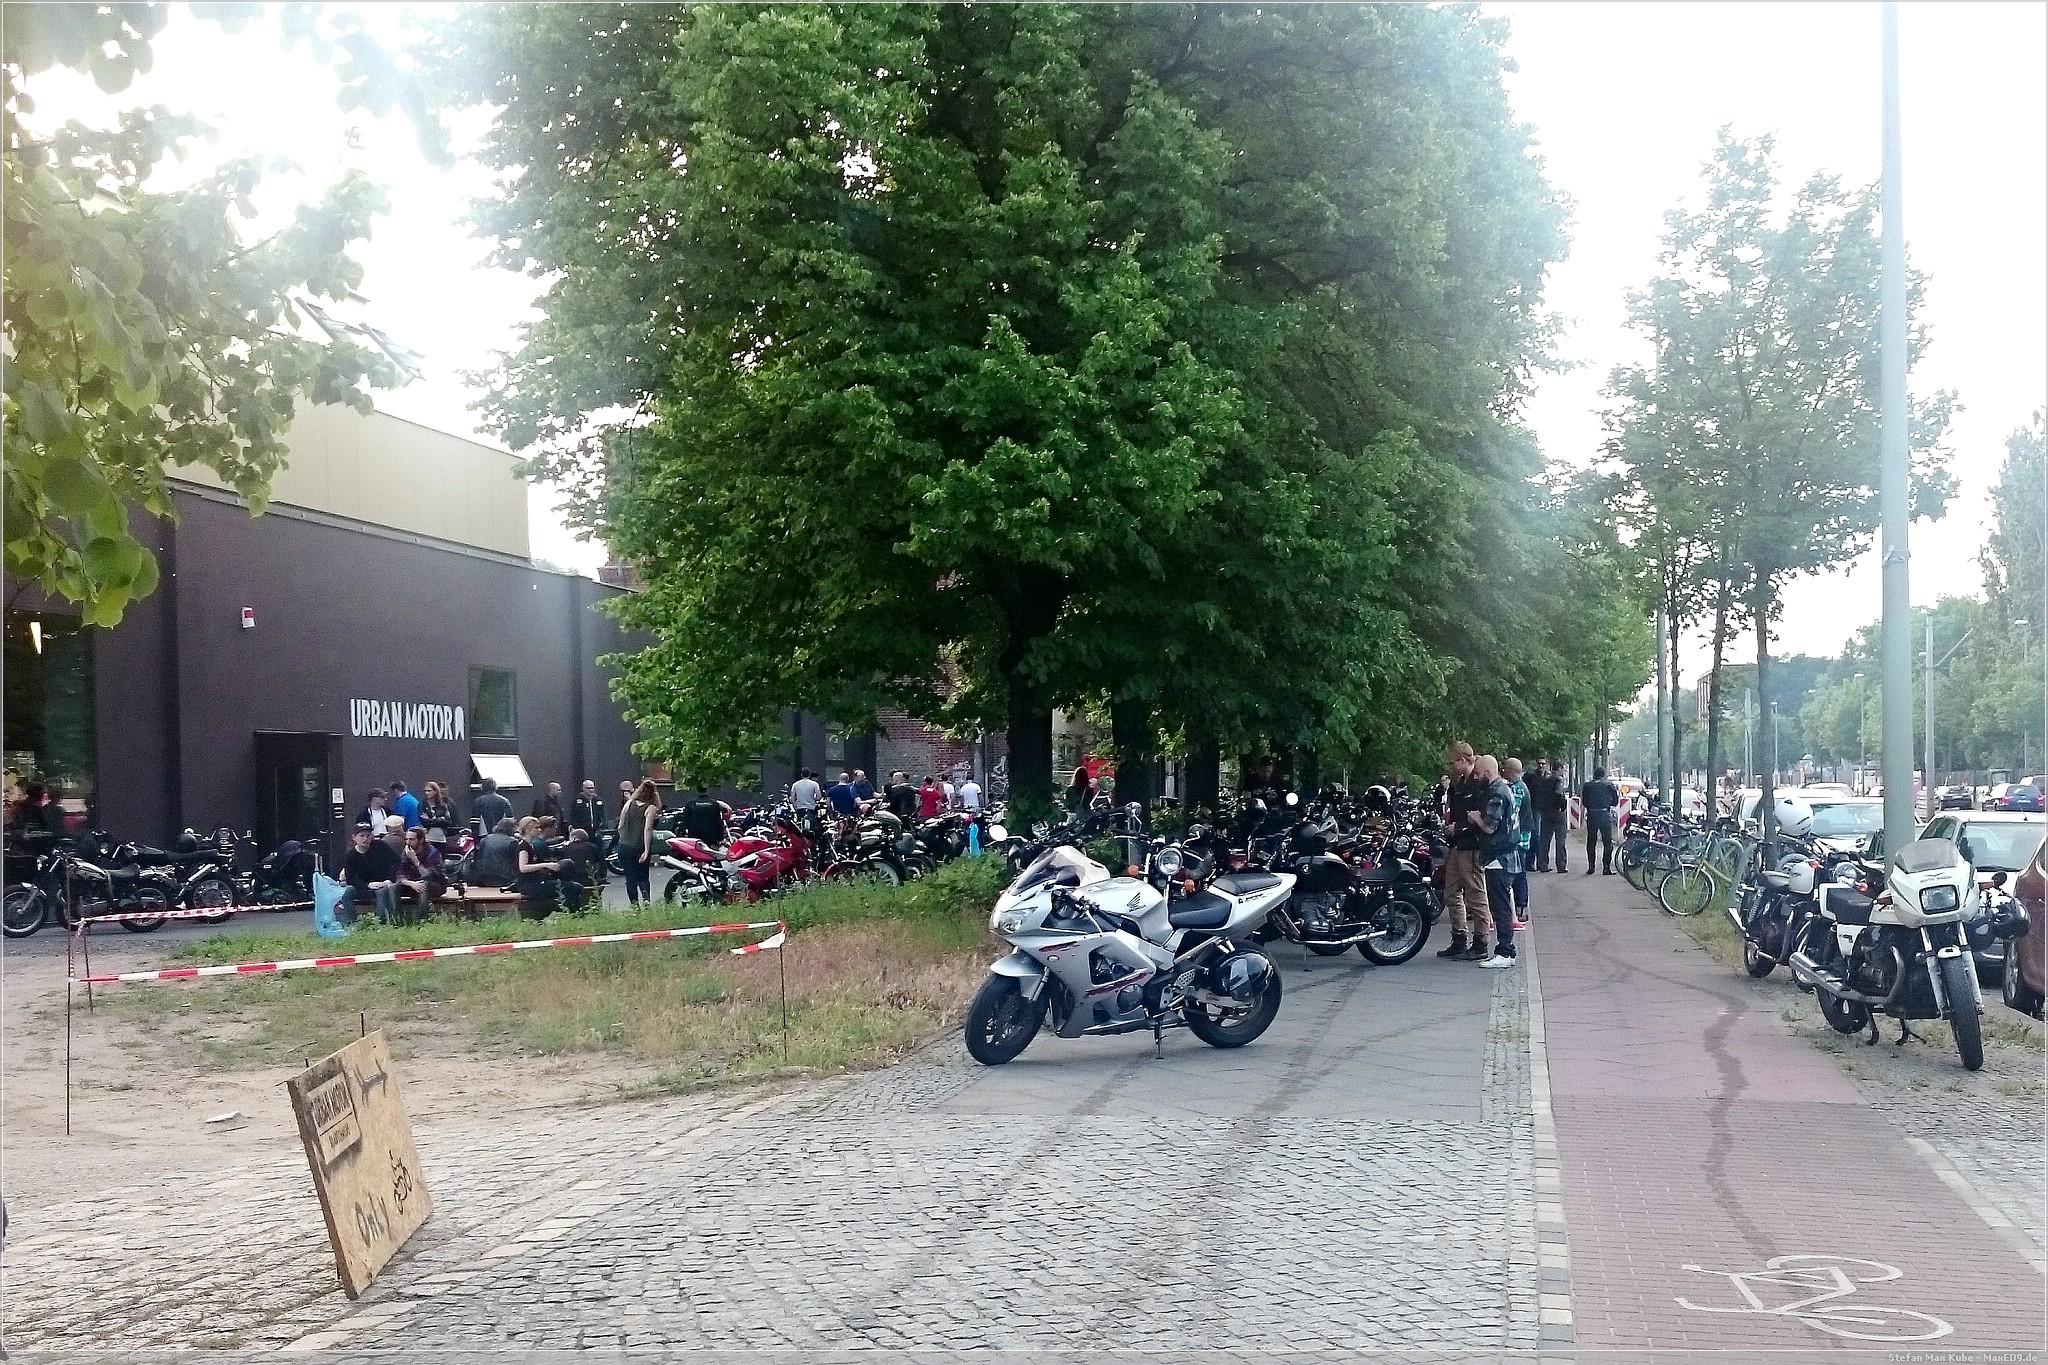 gefeiert: Feines Fest bei Urban Motor